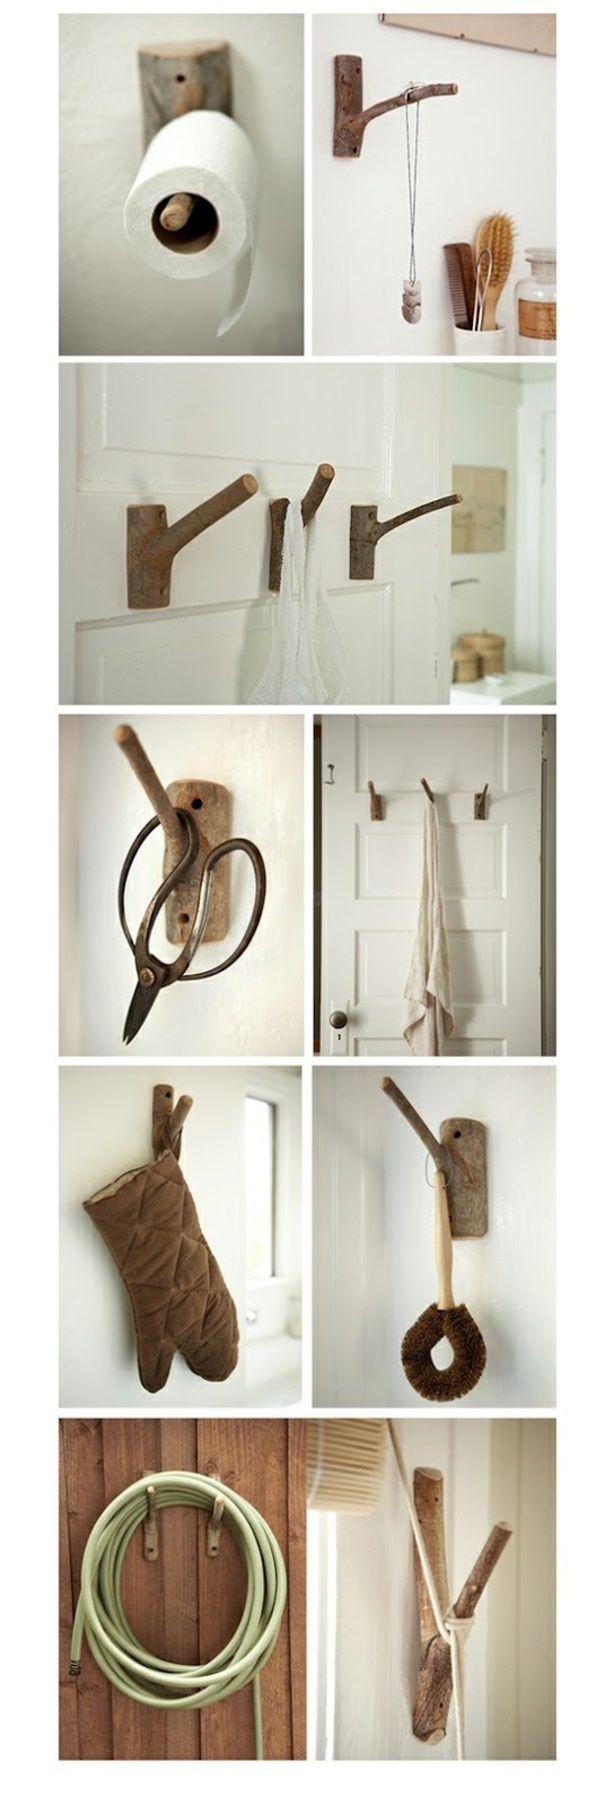 DIY: Maak van takken handige kapstokken.